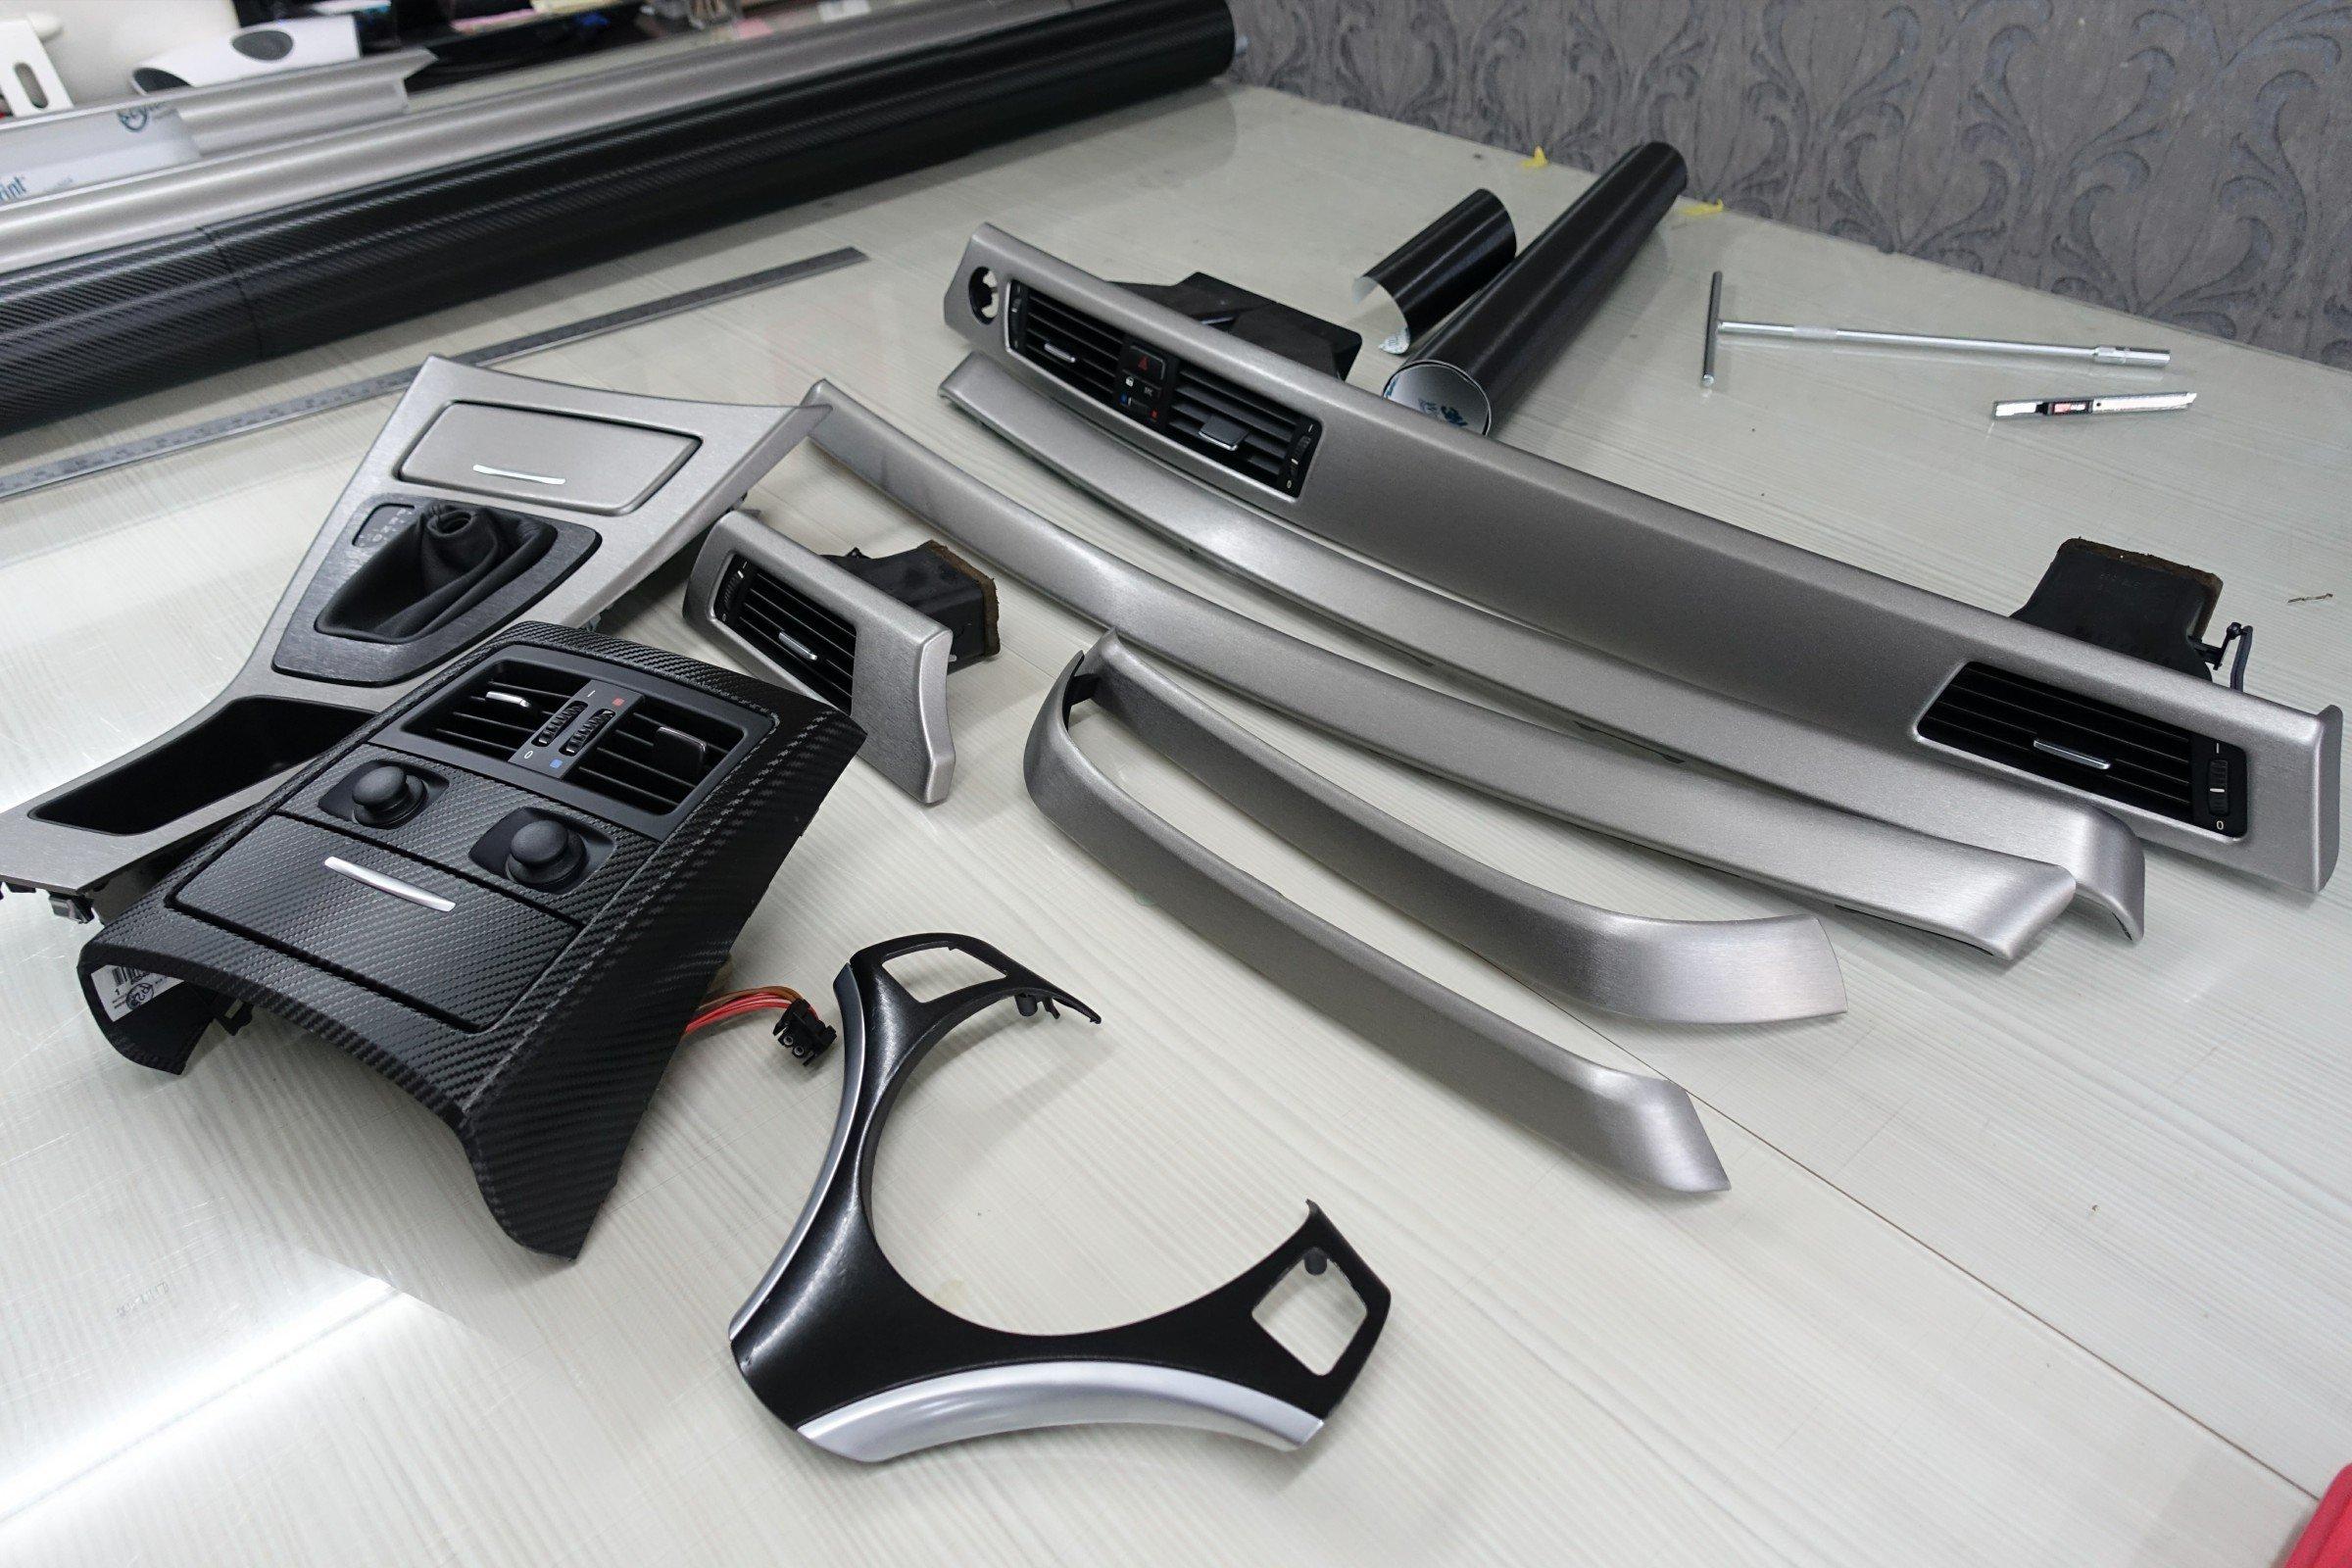 BMW 內裝貼膜 內飾板貼膜 髮絲紋內裝 核桃木貼膜 方向盤貼膜 環保漆貼膜 E90 E91 E92 E60 E70